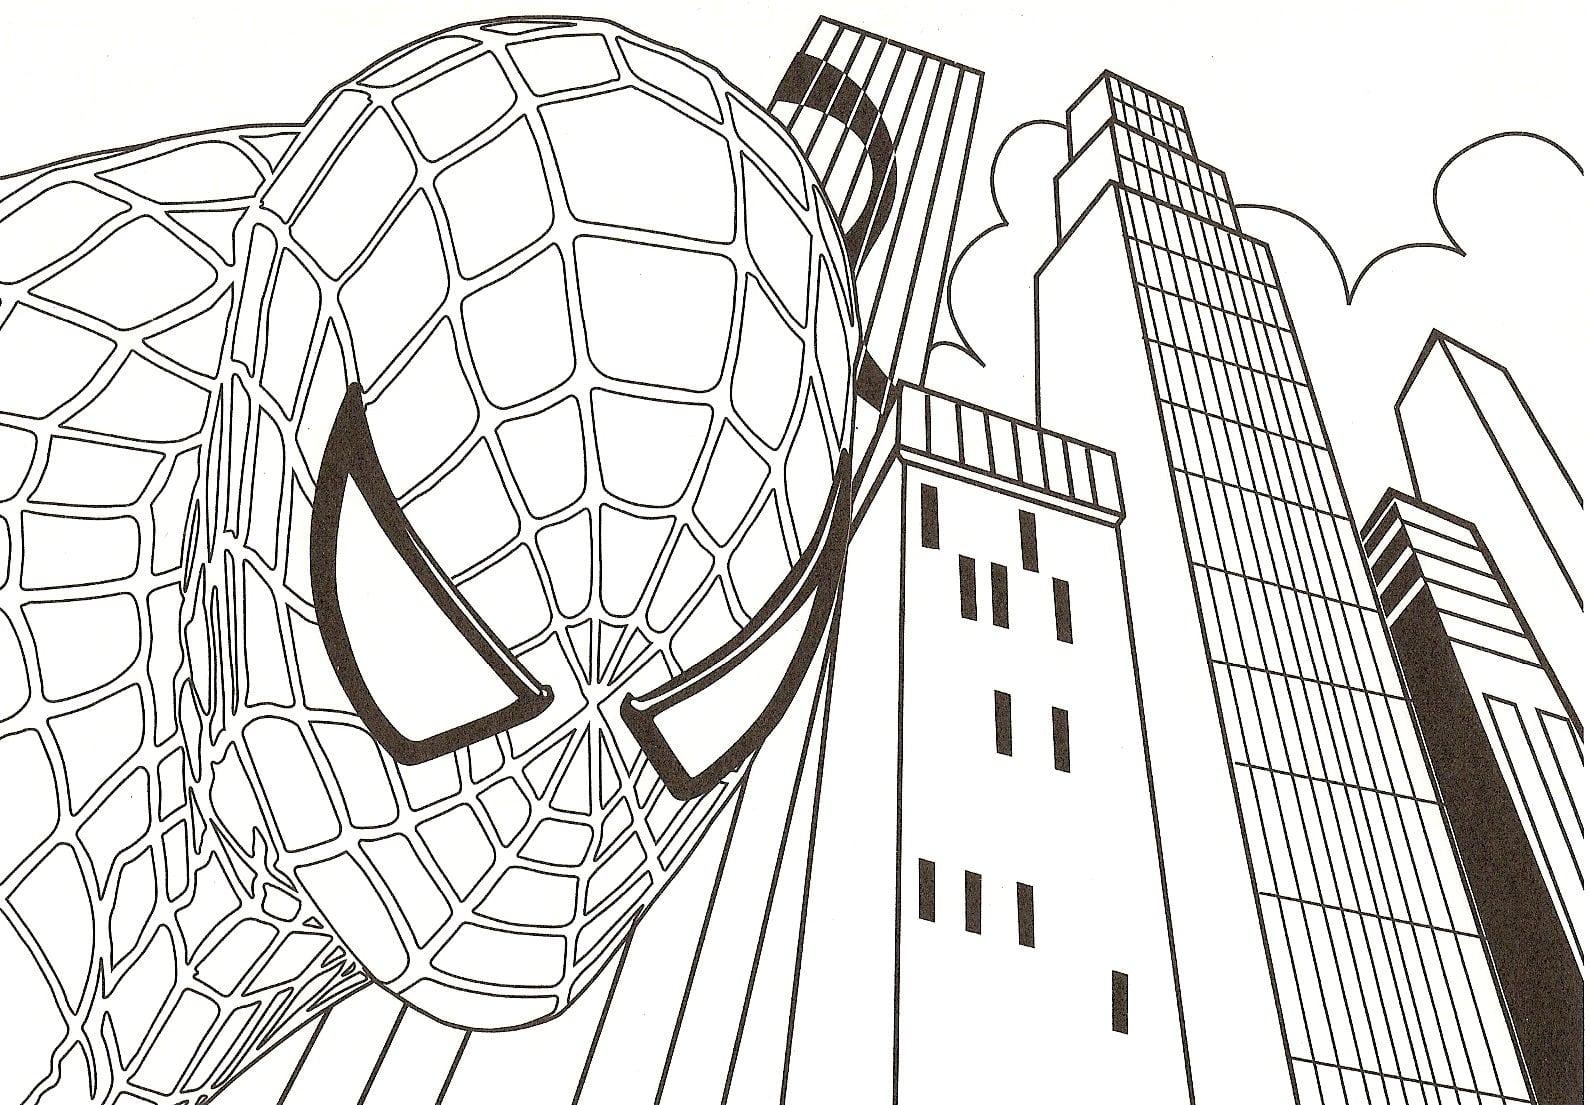 Pintura Do Homem Aranha